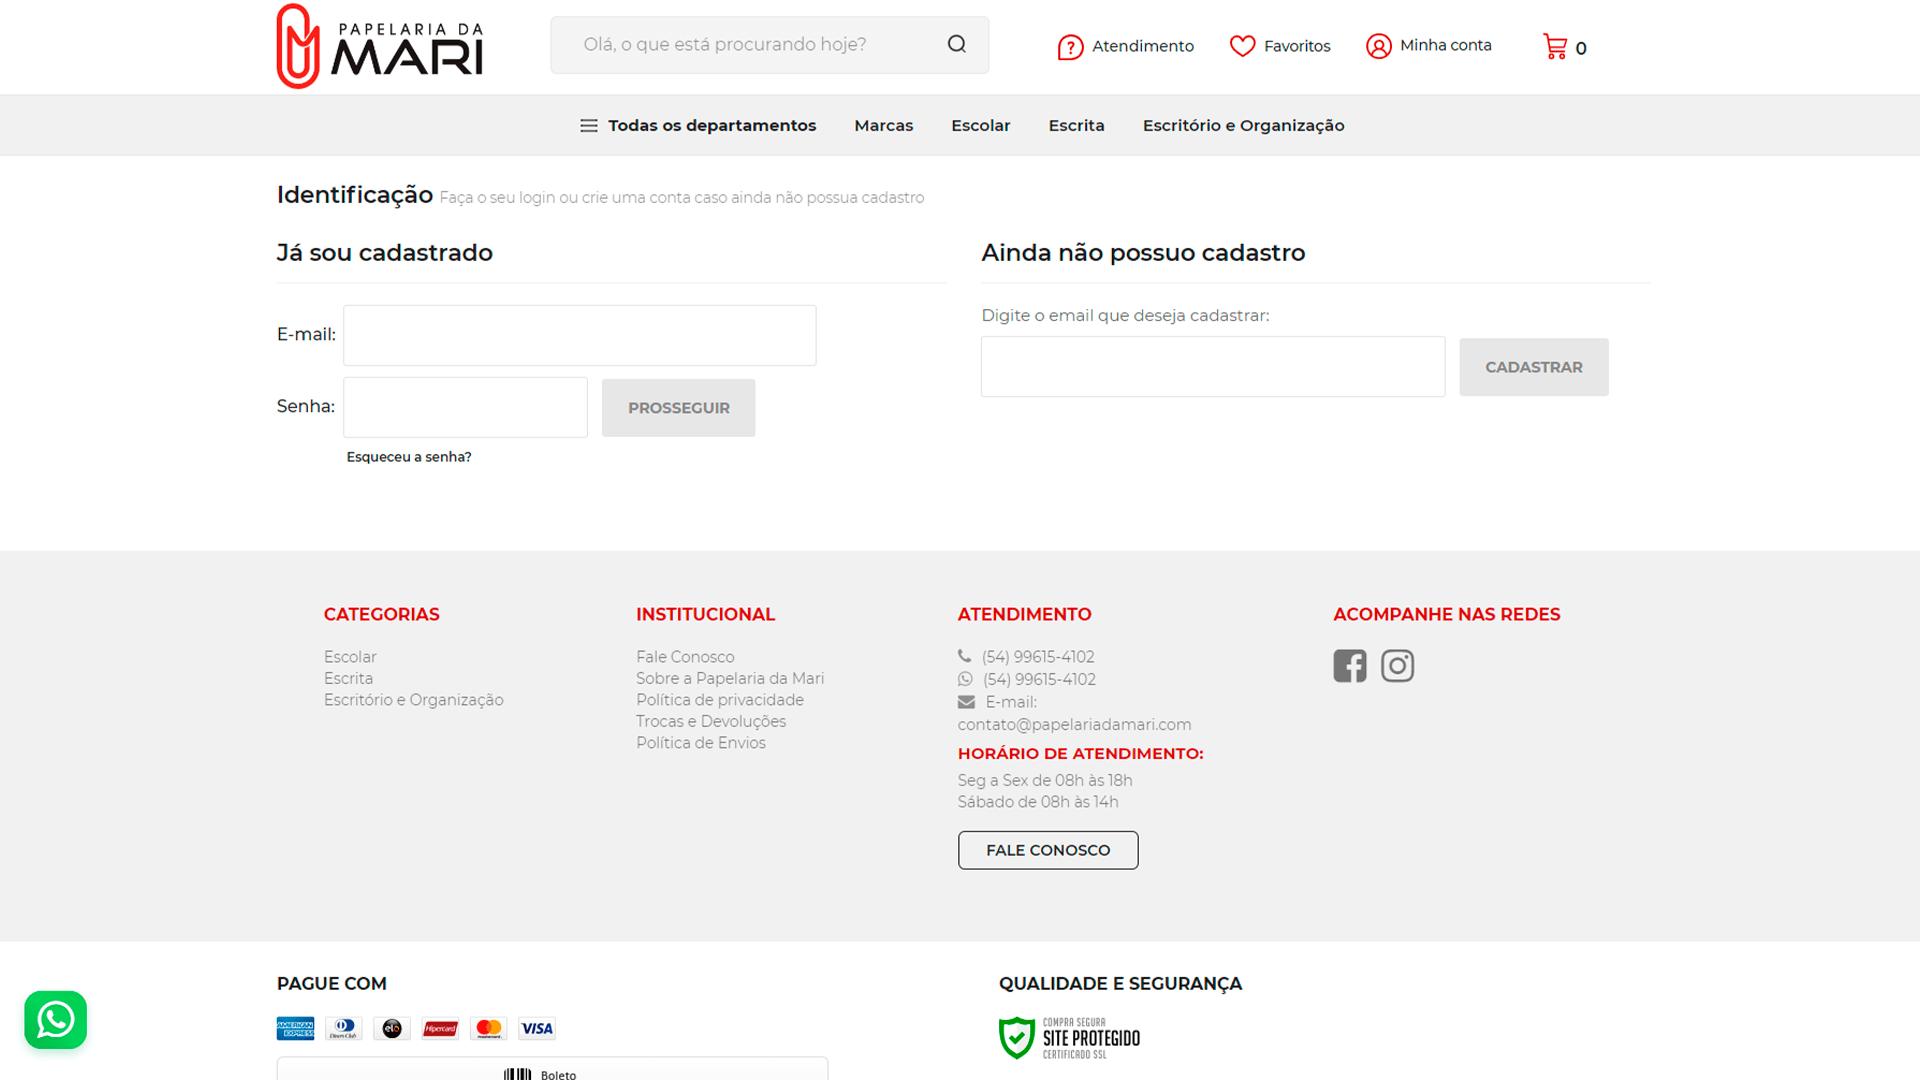 https://www.6i.com.br/case/papelaria-da-mari/